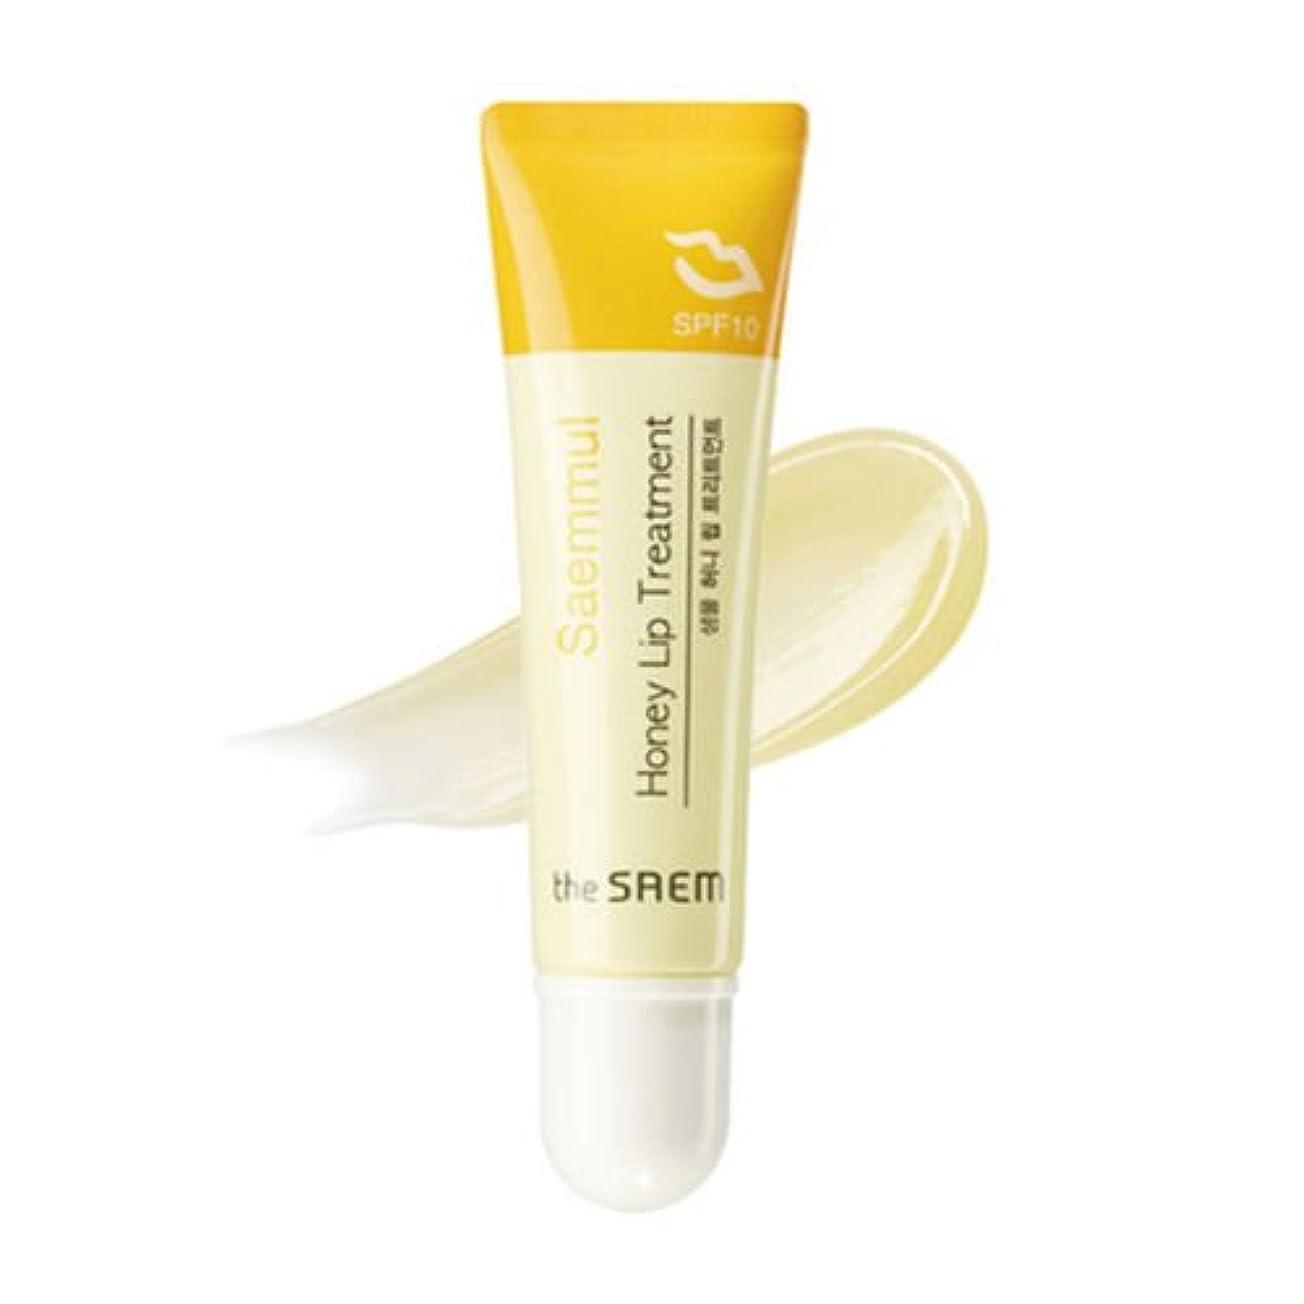 三番暗唱するサイドボードthe SAEM ザセム セムムル ハニー リップ トリートメント Saemmul Honey Lip Treatment 10ml 韓国コスメ